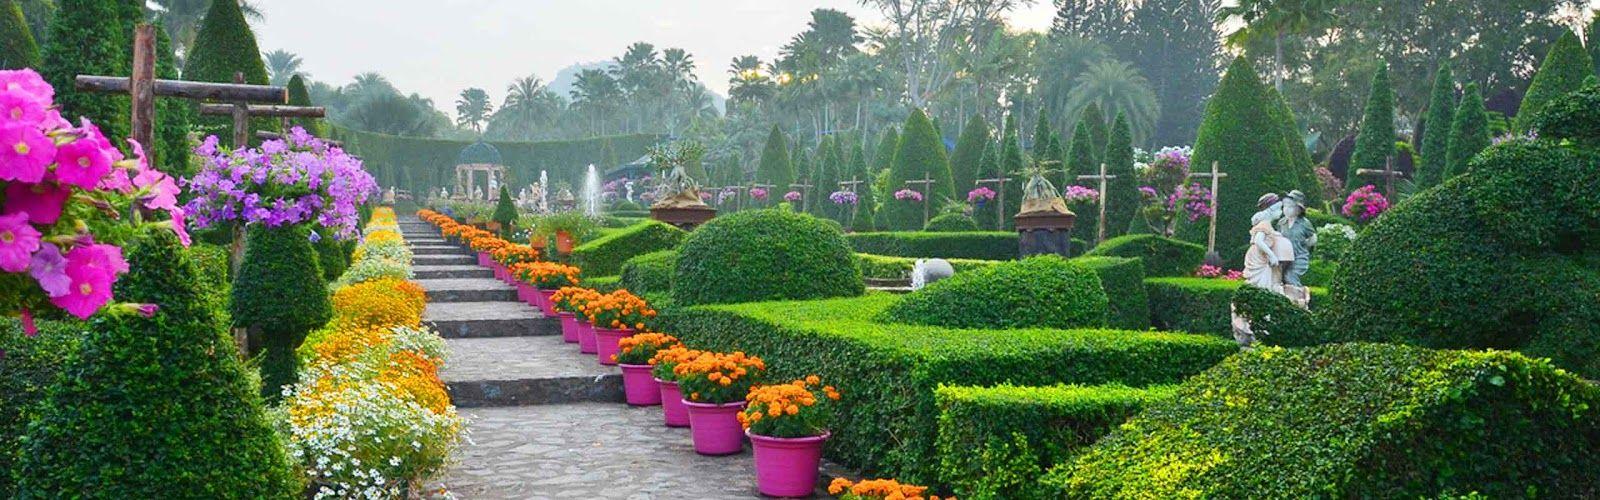 Imagenes+del+Jardín+Tropical+en+Tailandia+Suan+Nong+Nooch